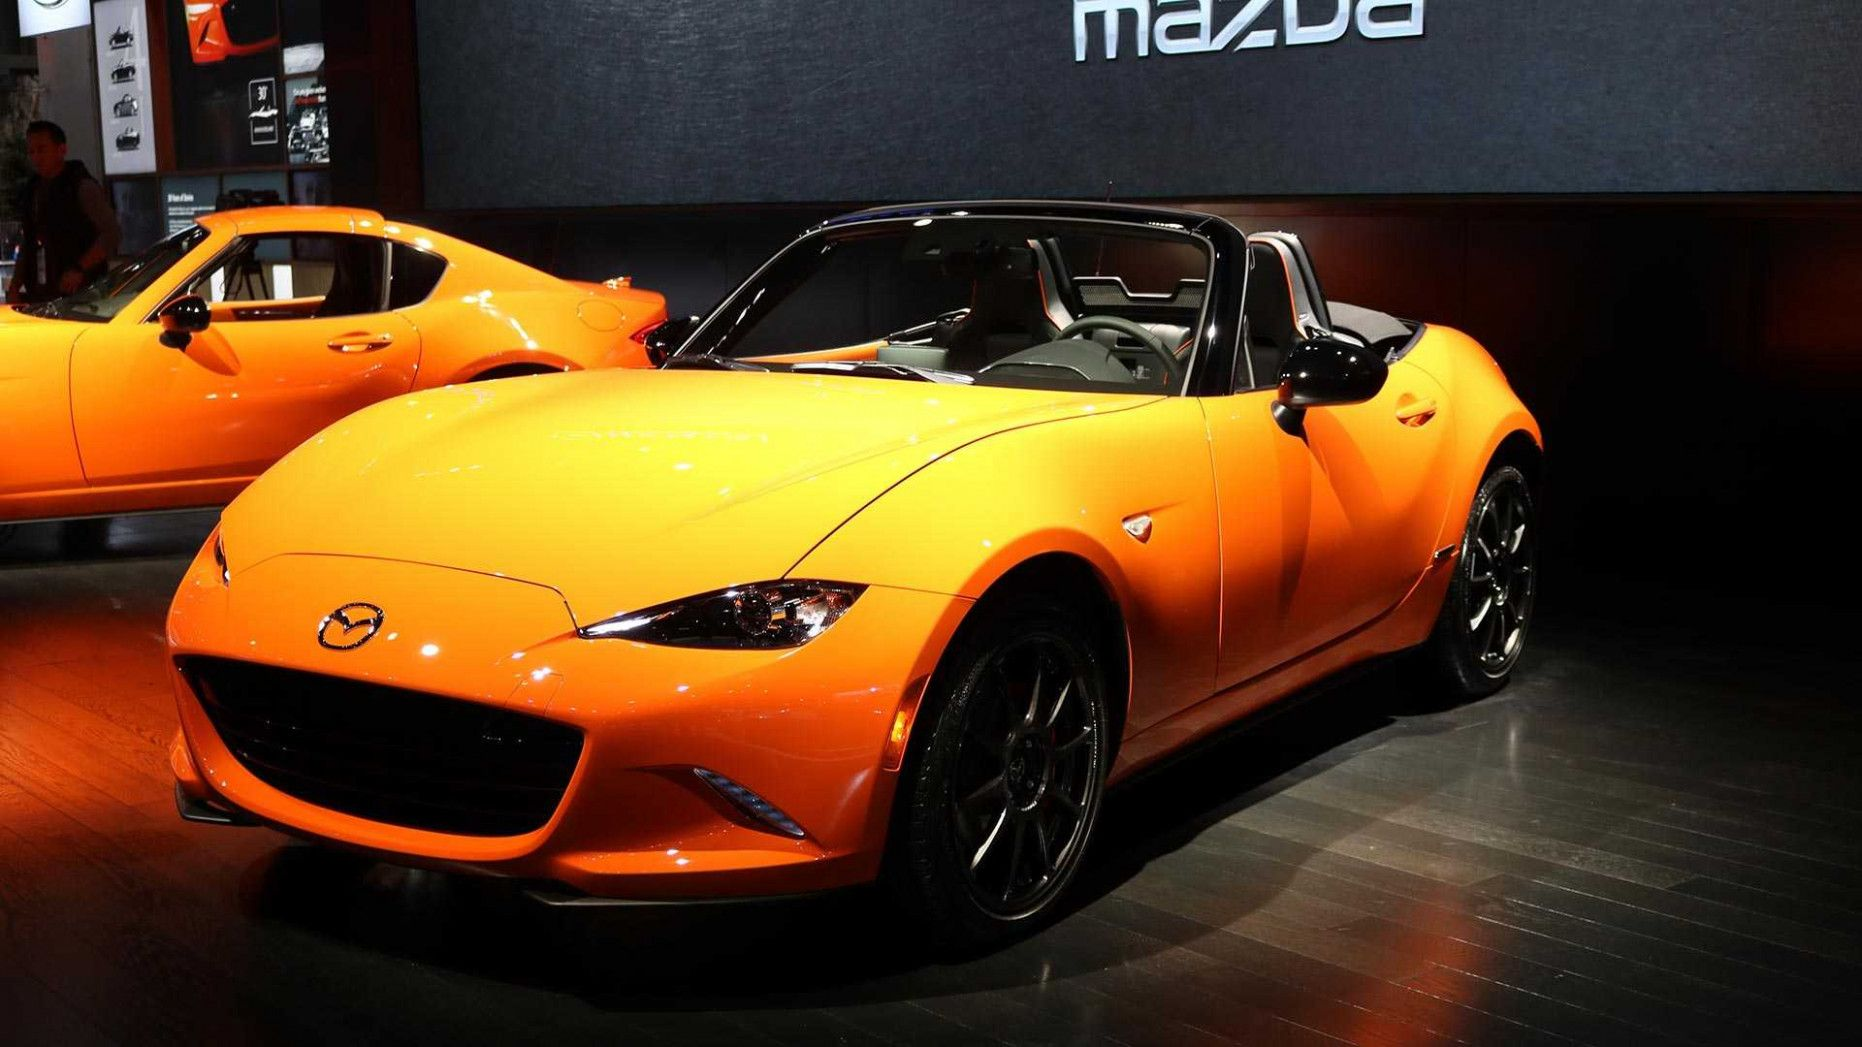 2021 Mazda Mx 5 Miata Specs And Review In 2020 Mazda Mx5 Miata Mazda Mx5 Mazda Mx